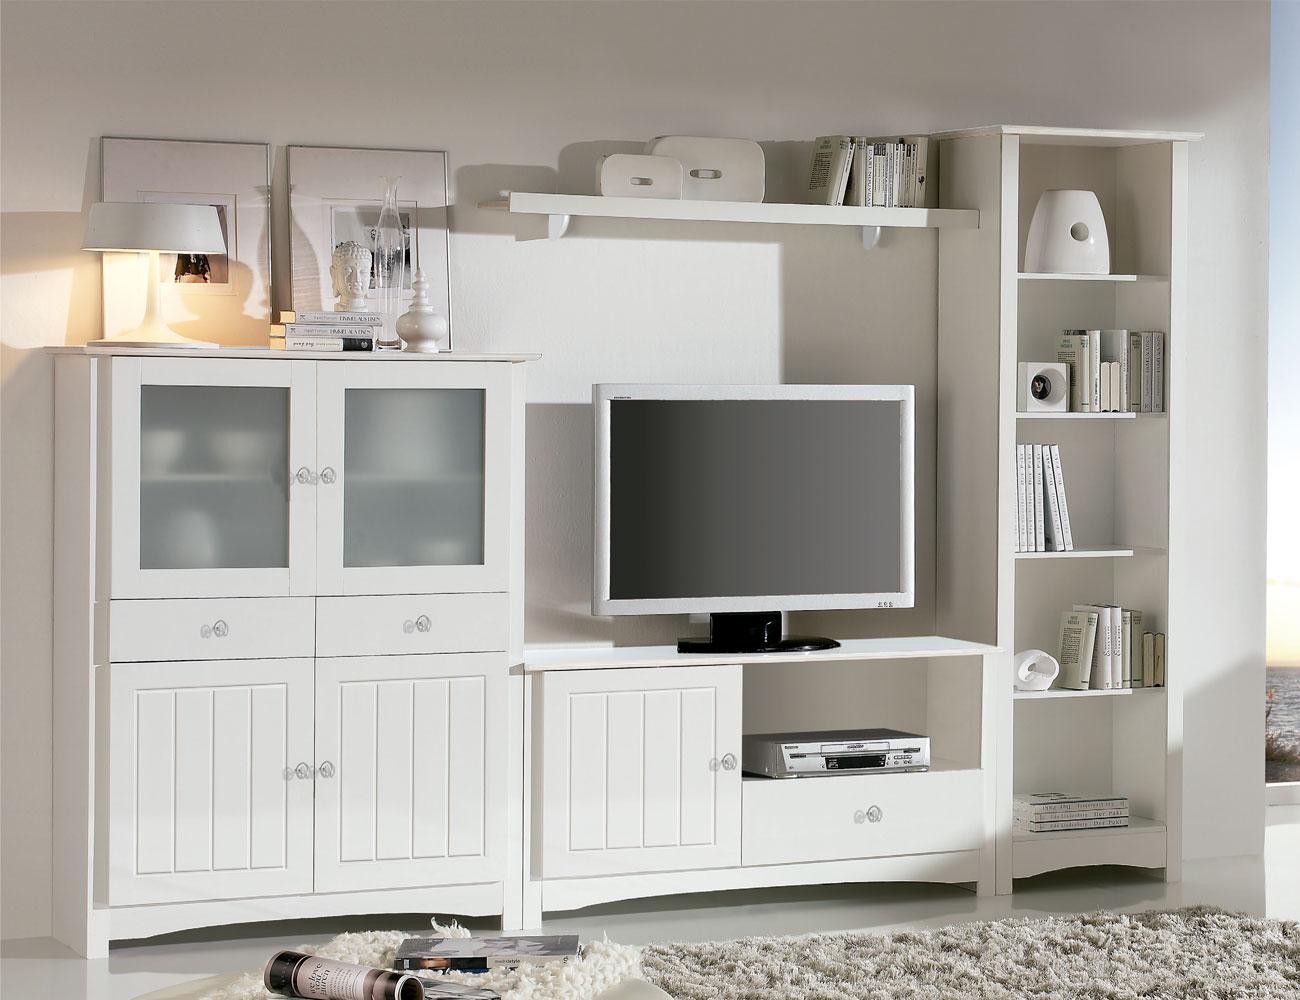 Mueble aparador 3 puertas 3 cajones en madera color for Muebles blancos ikea